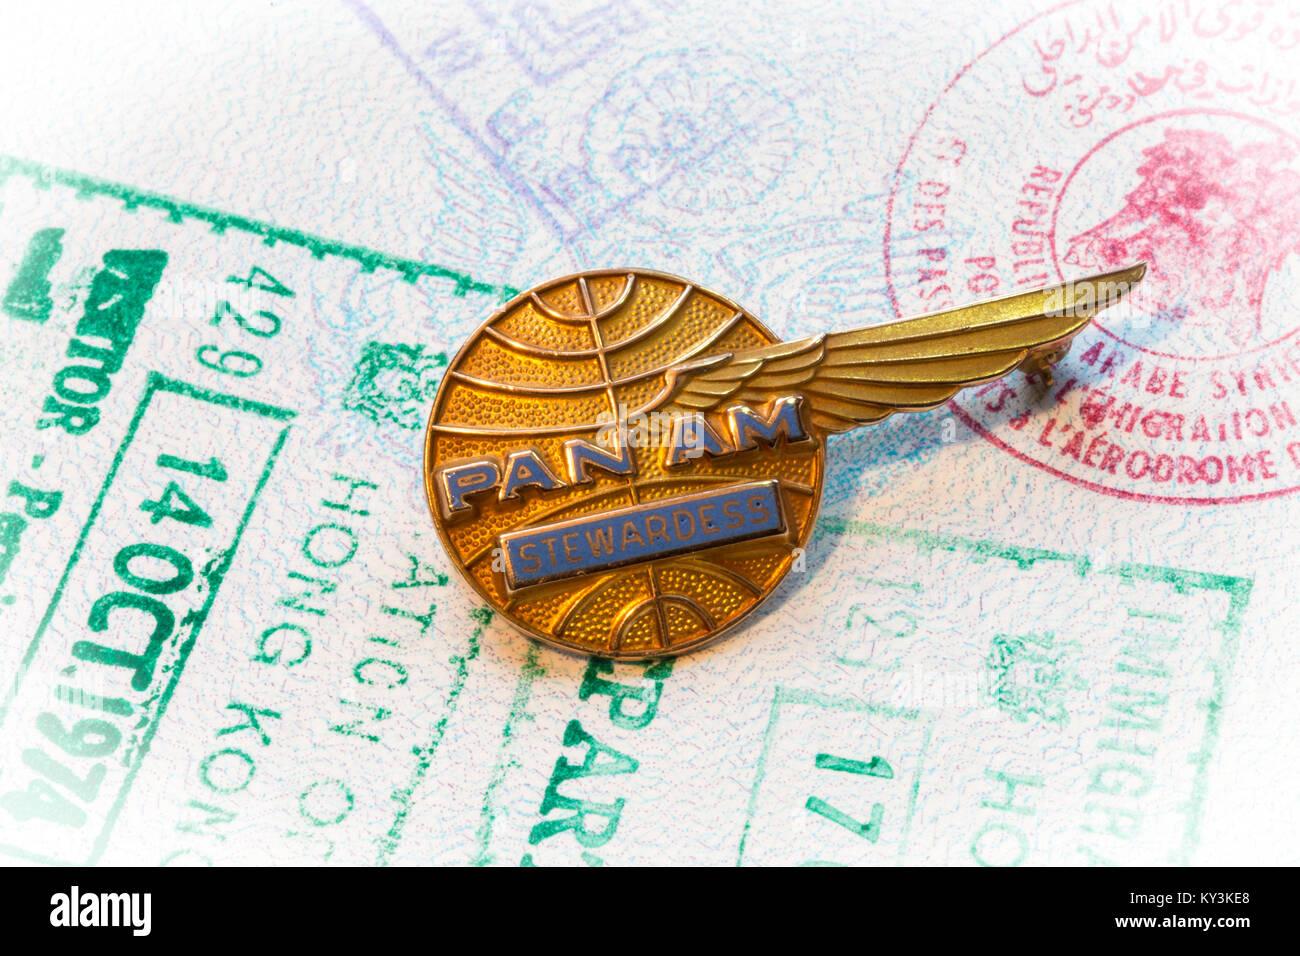 Vintage Pan American Airways Stewardess Memorabilia - Stock Image